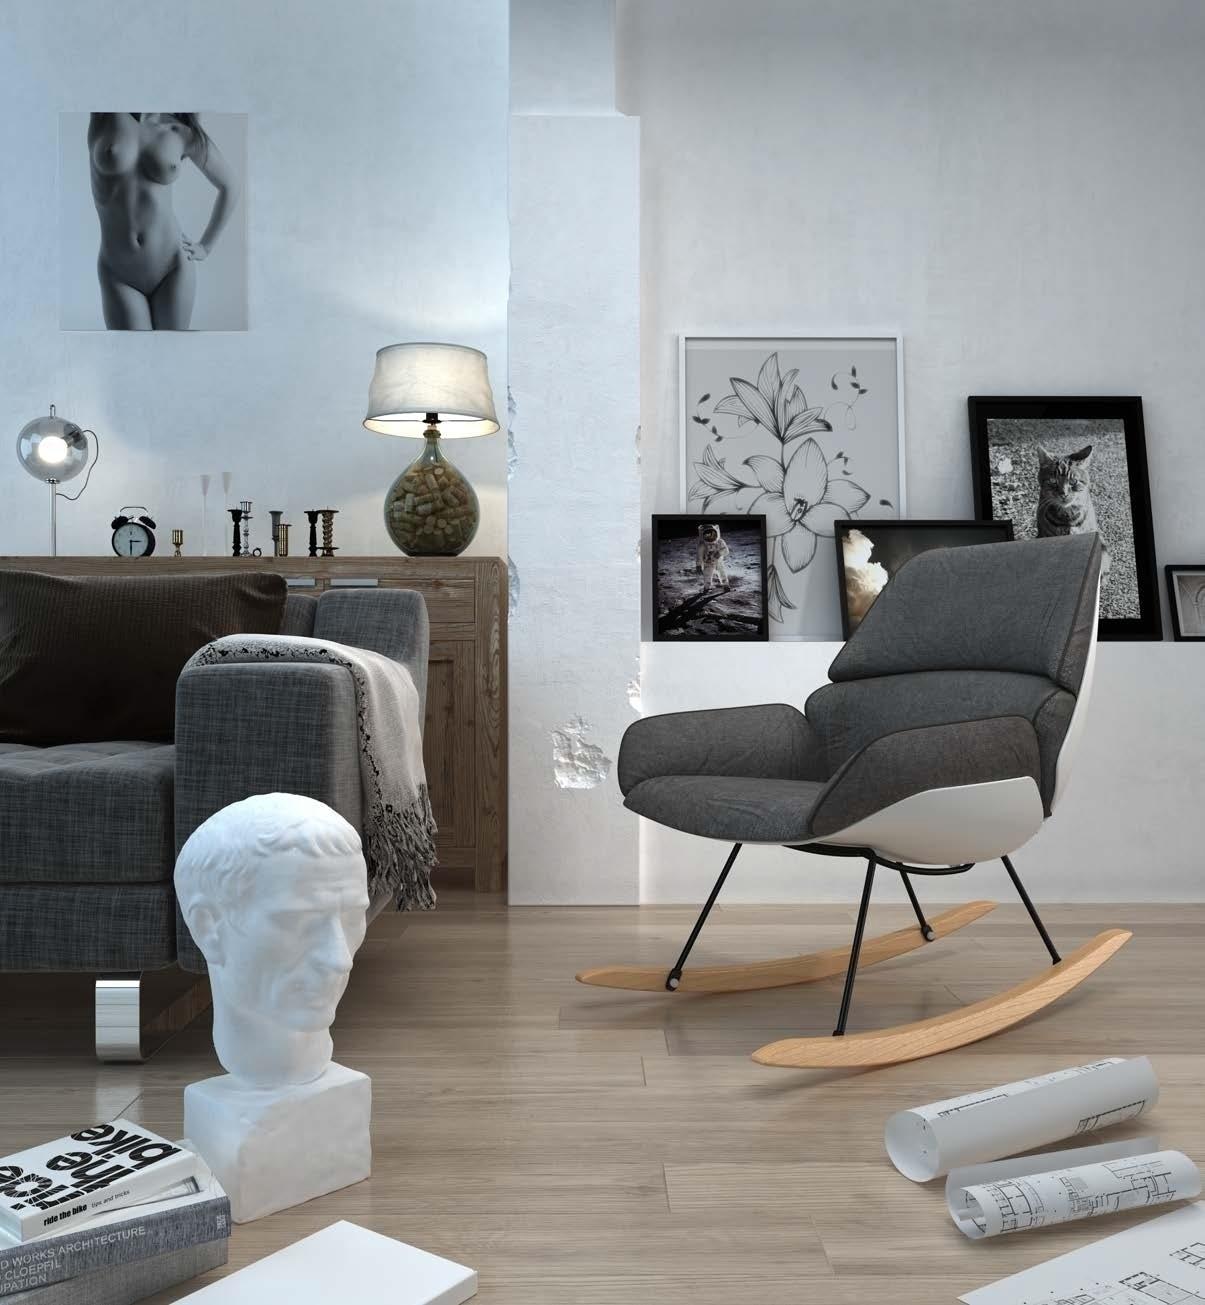 Fotel bujany NINO ciemno szary - tkanina ciemno szara, płozy bukowe - zdjęcie nr 2